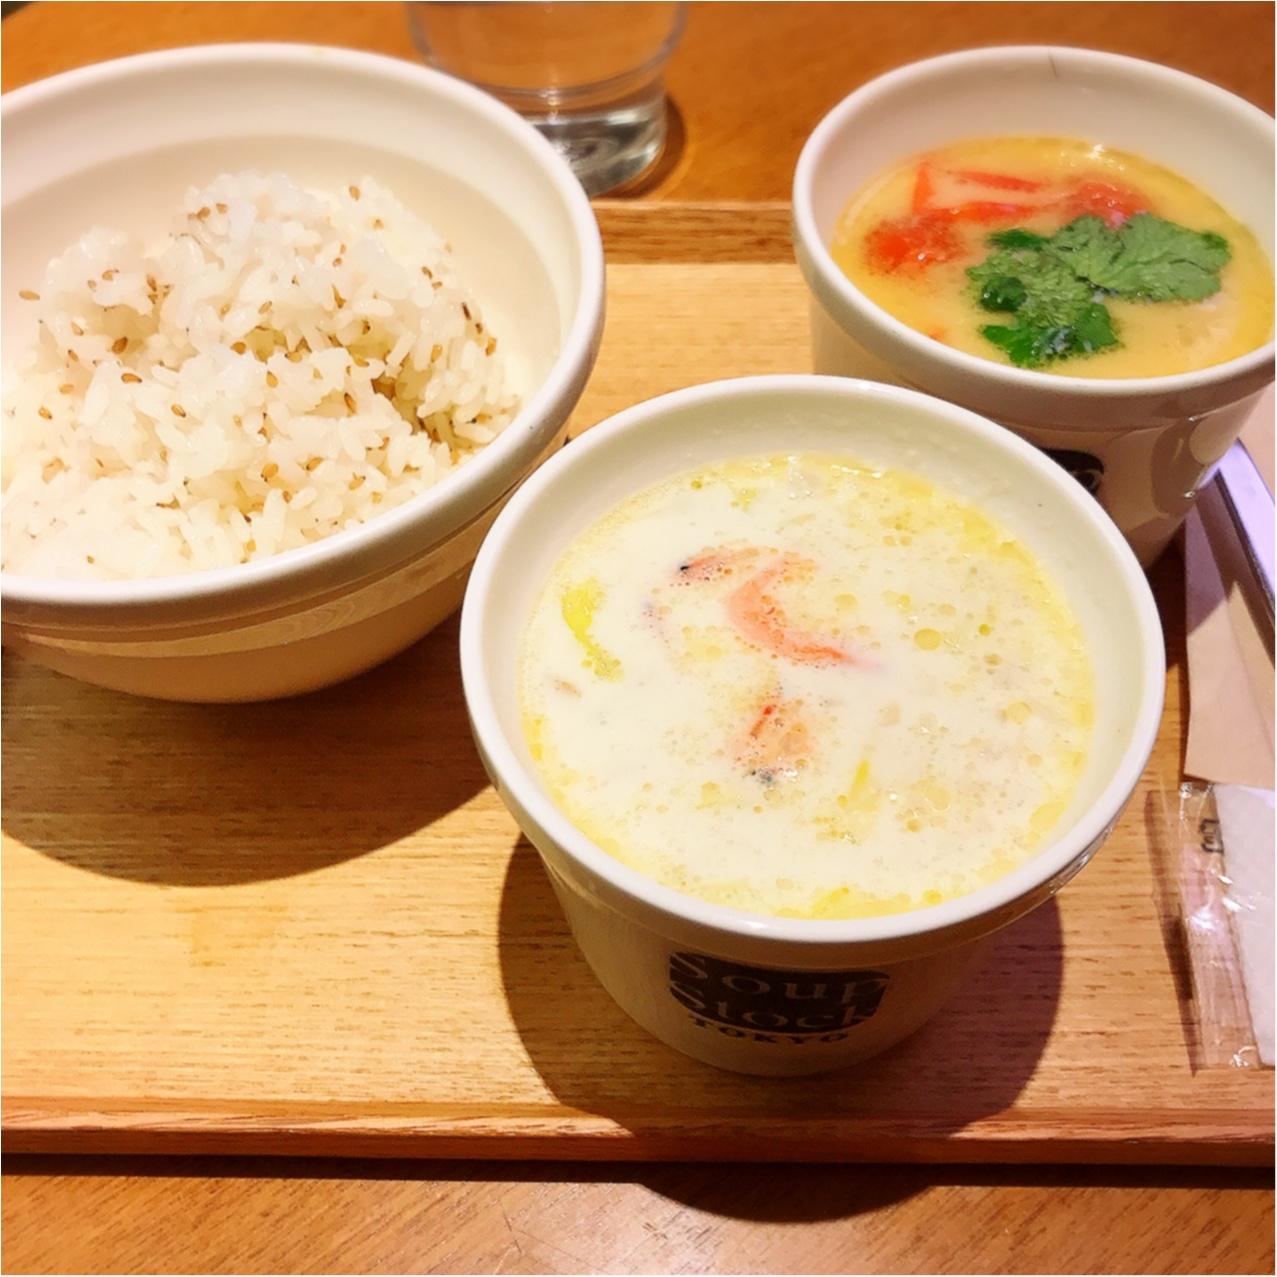 【Soup Stock Tokyo】春を感じる新作スープでぽかぽかランチ☺︎_1